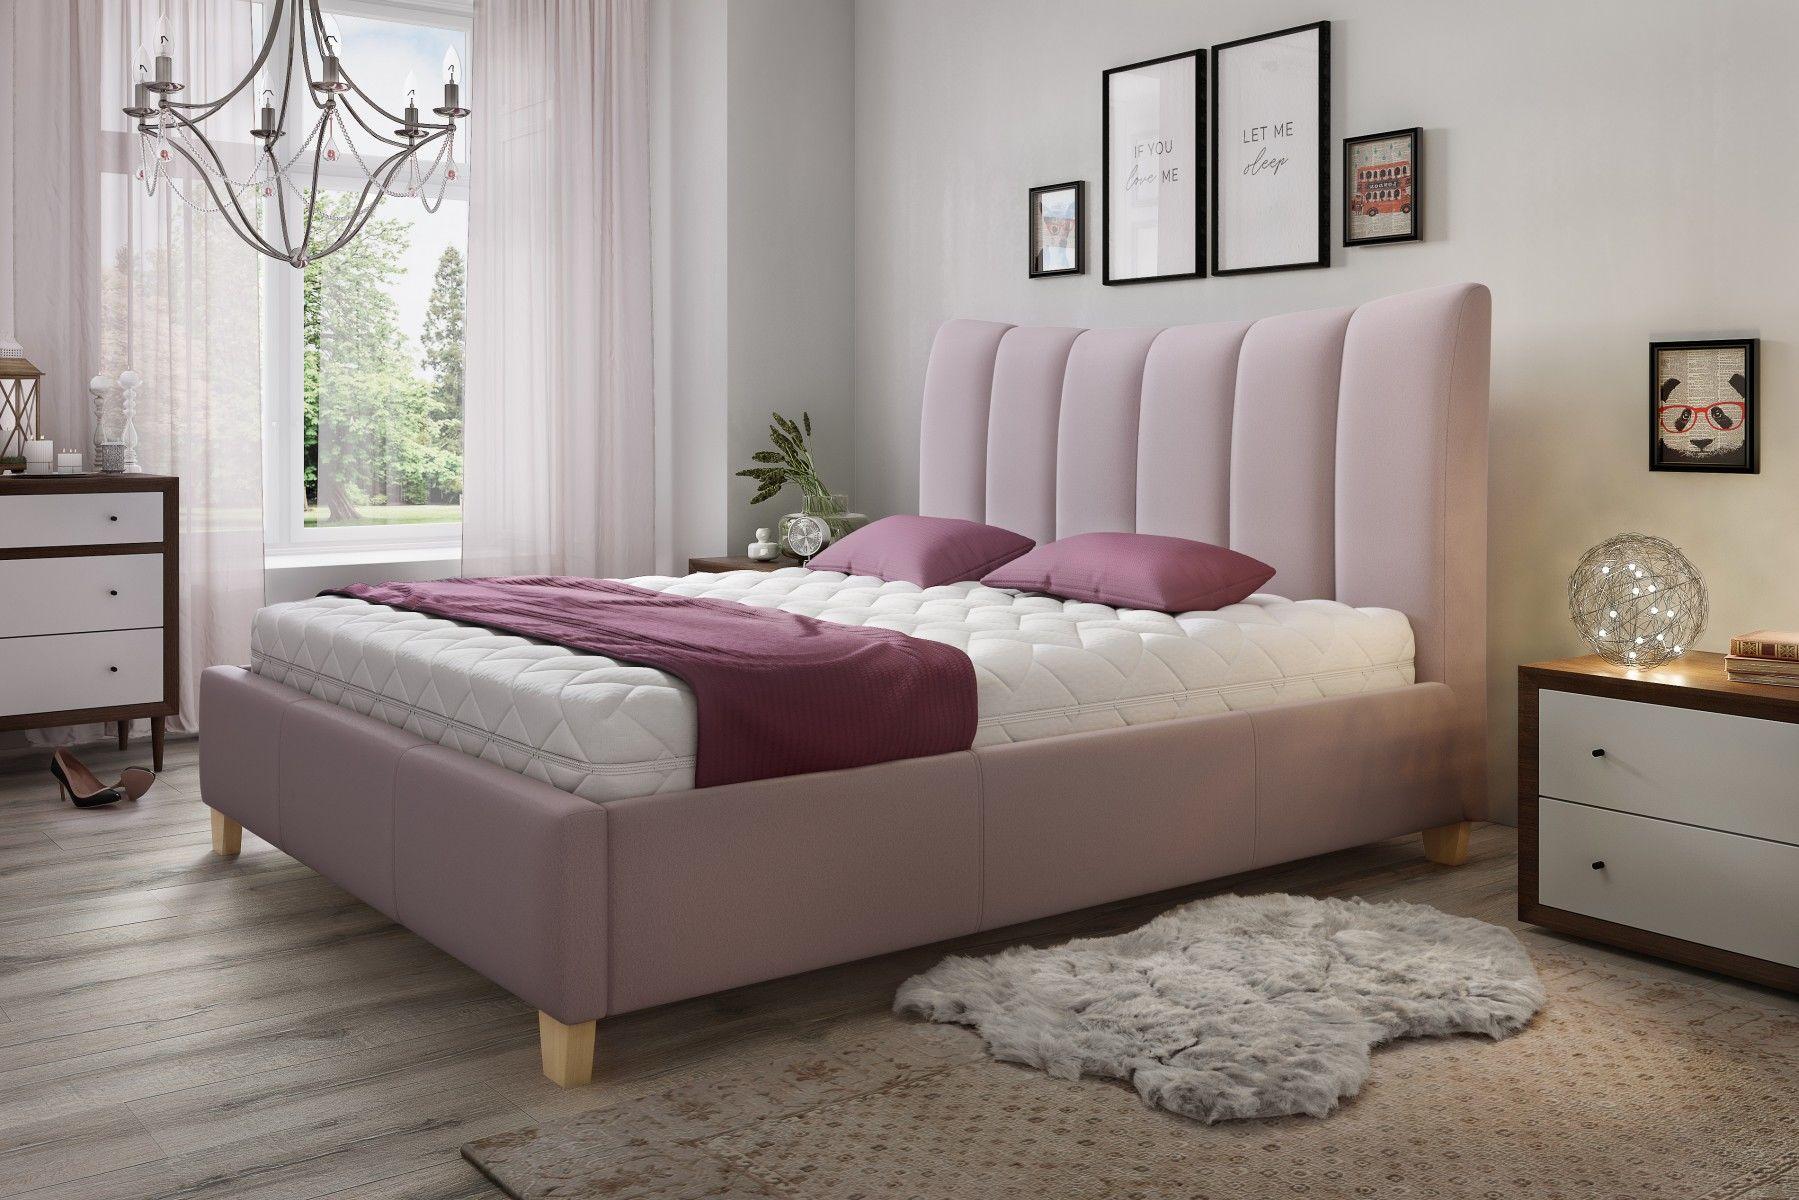 Łóżko tapicerowane ARIEL 160x200 - tapicerka do wyboru!